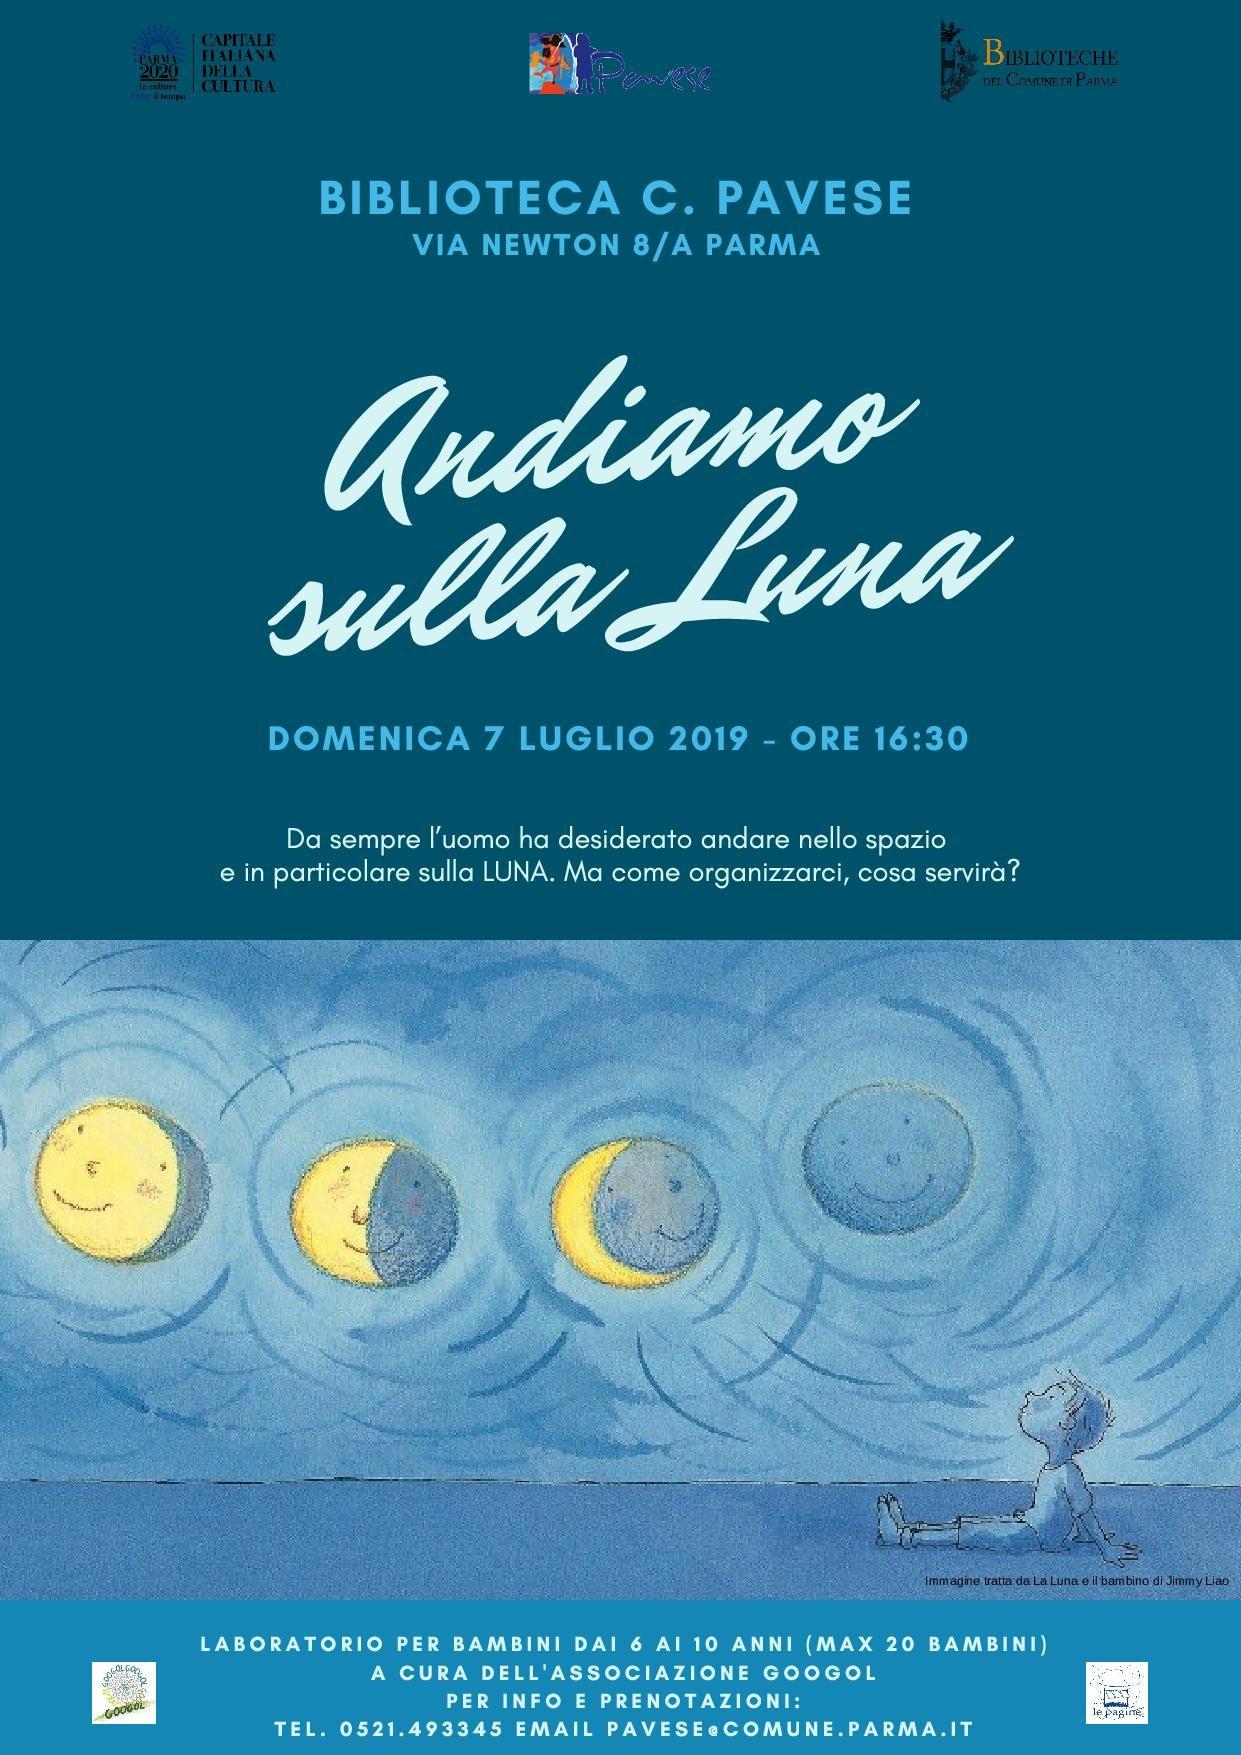 Andiamo sulla luna, laboratorio per bambini alla biblioteca Pavese